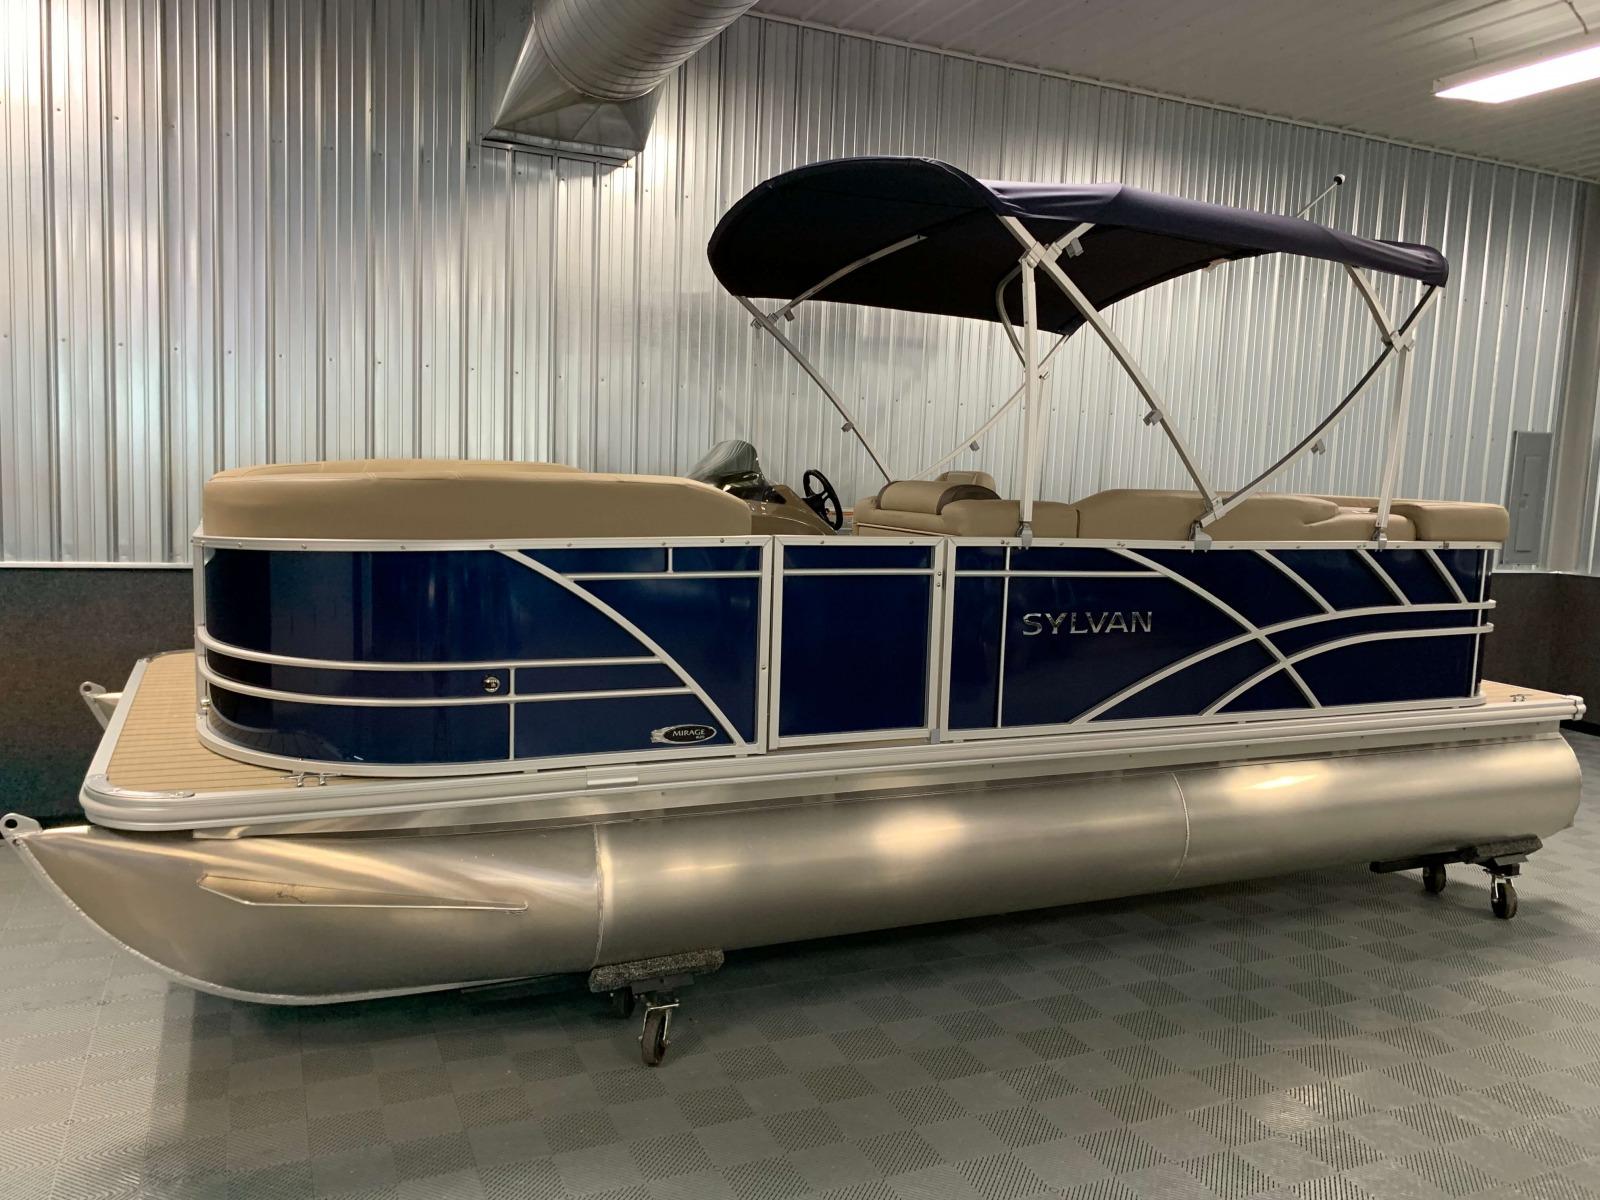 2020-Sylvan-Mirage-820-Cruise-Pontoon-Blue-1